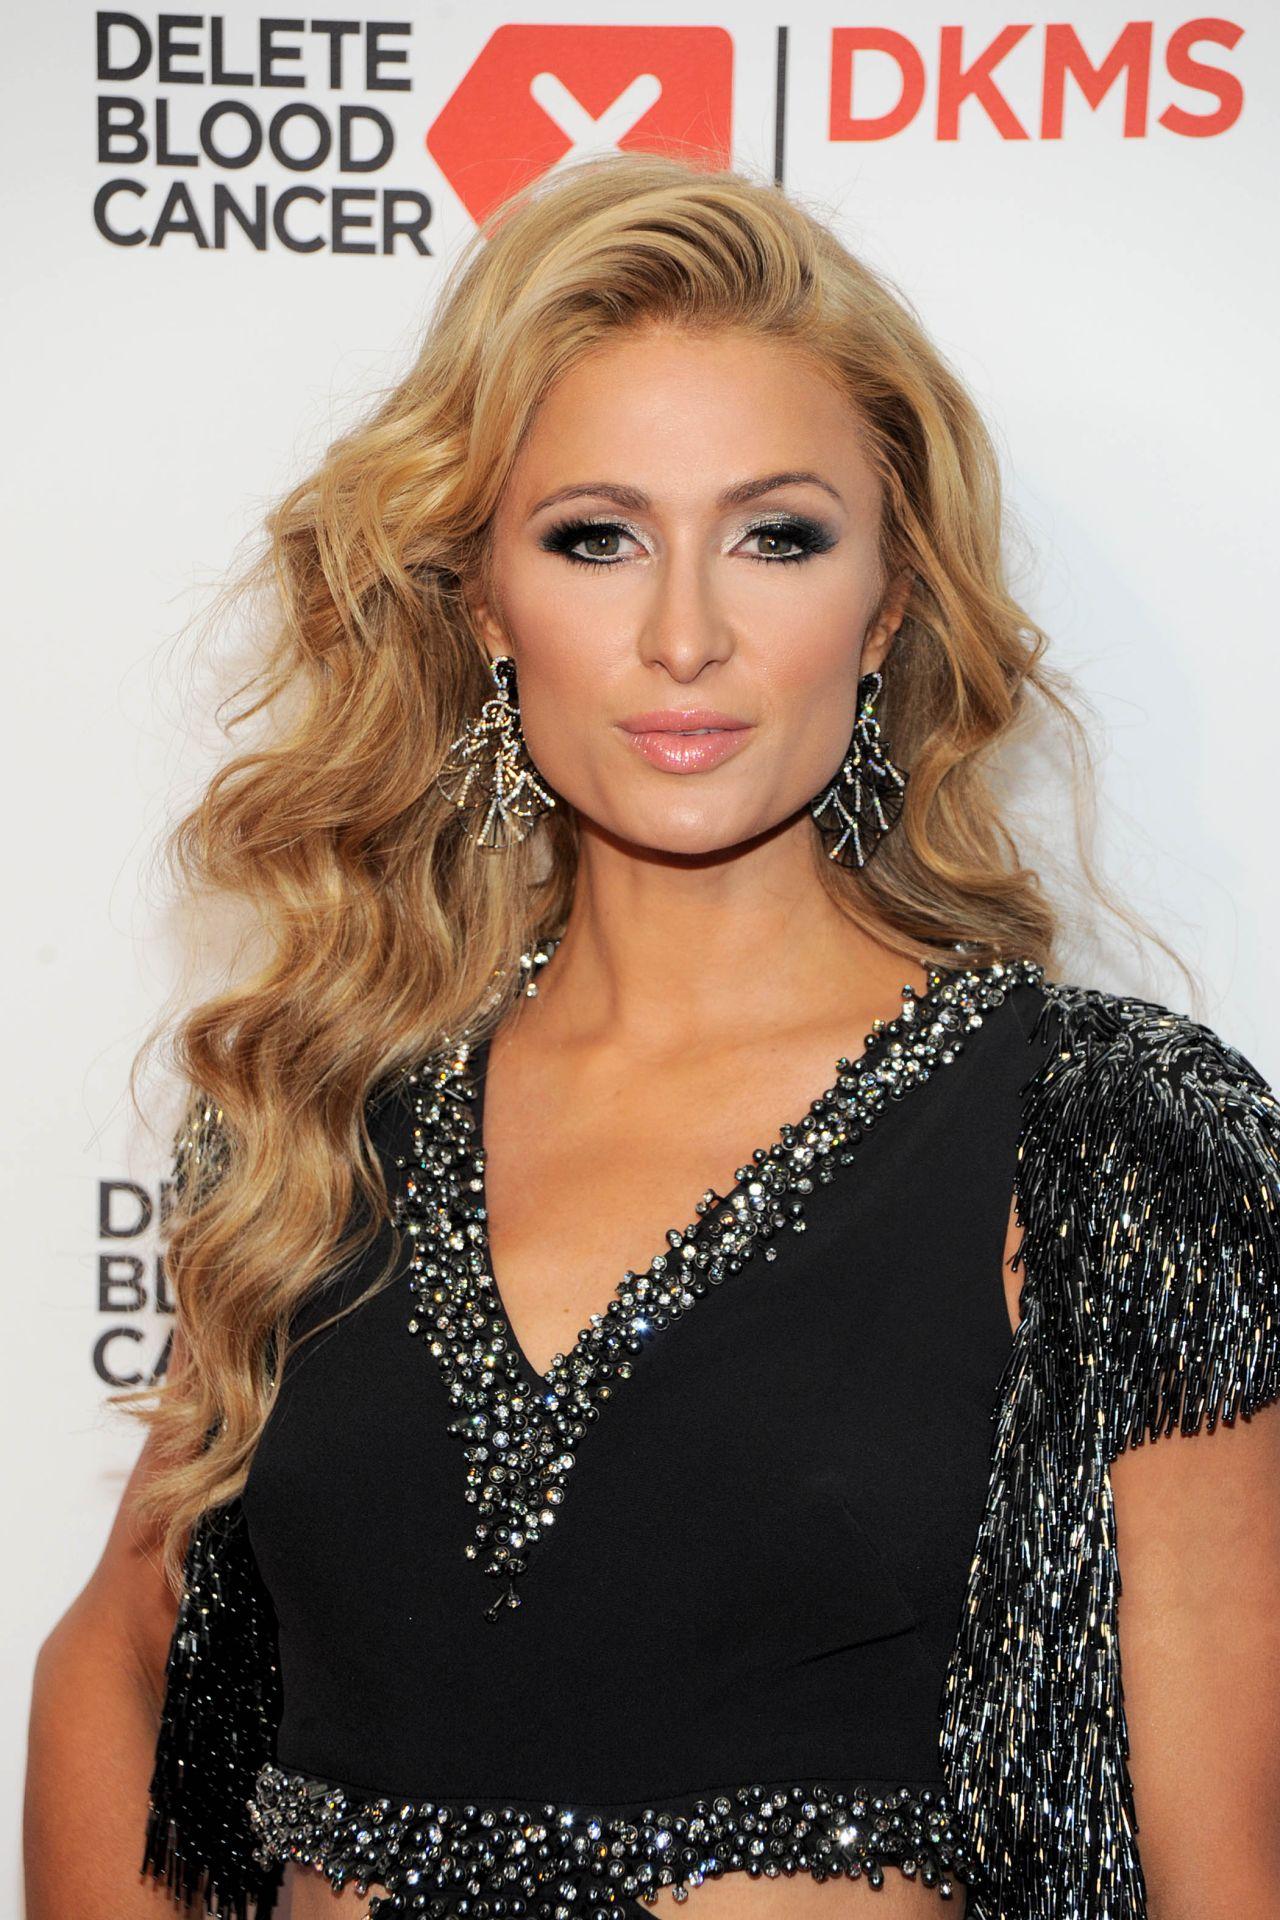 Paris Hilton – 2016 Delete Blood Cancer DKMS Gala in NYC 5 ... Paris Hilton